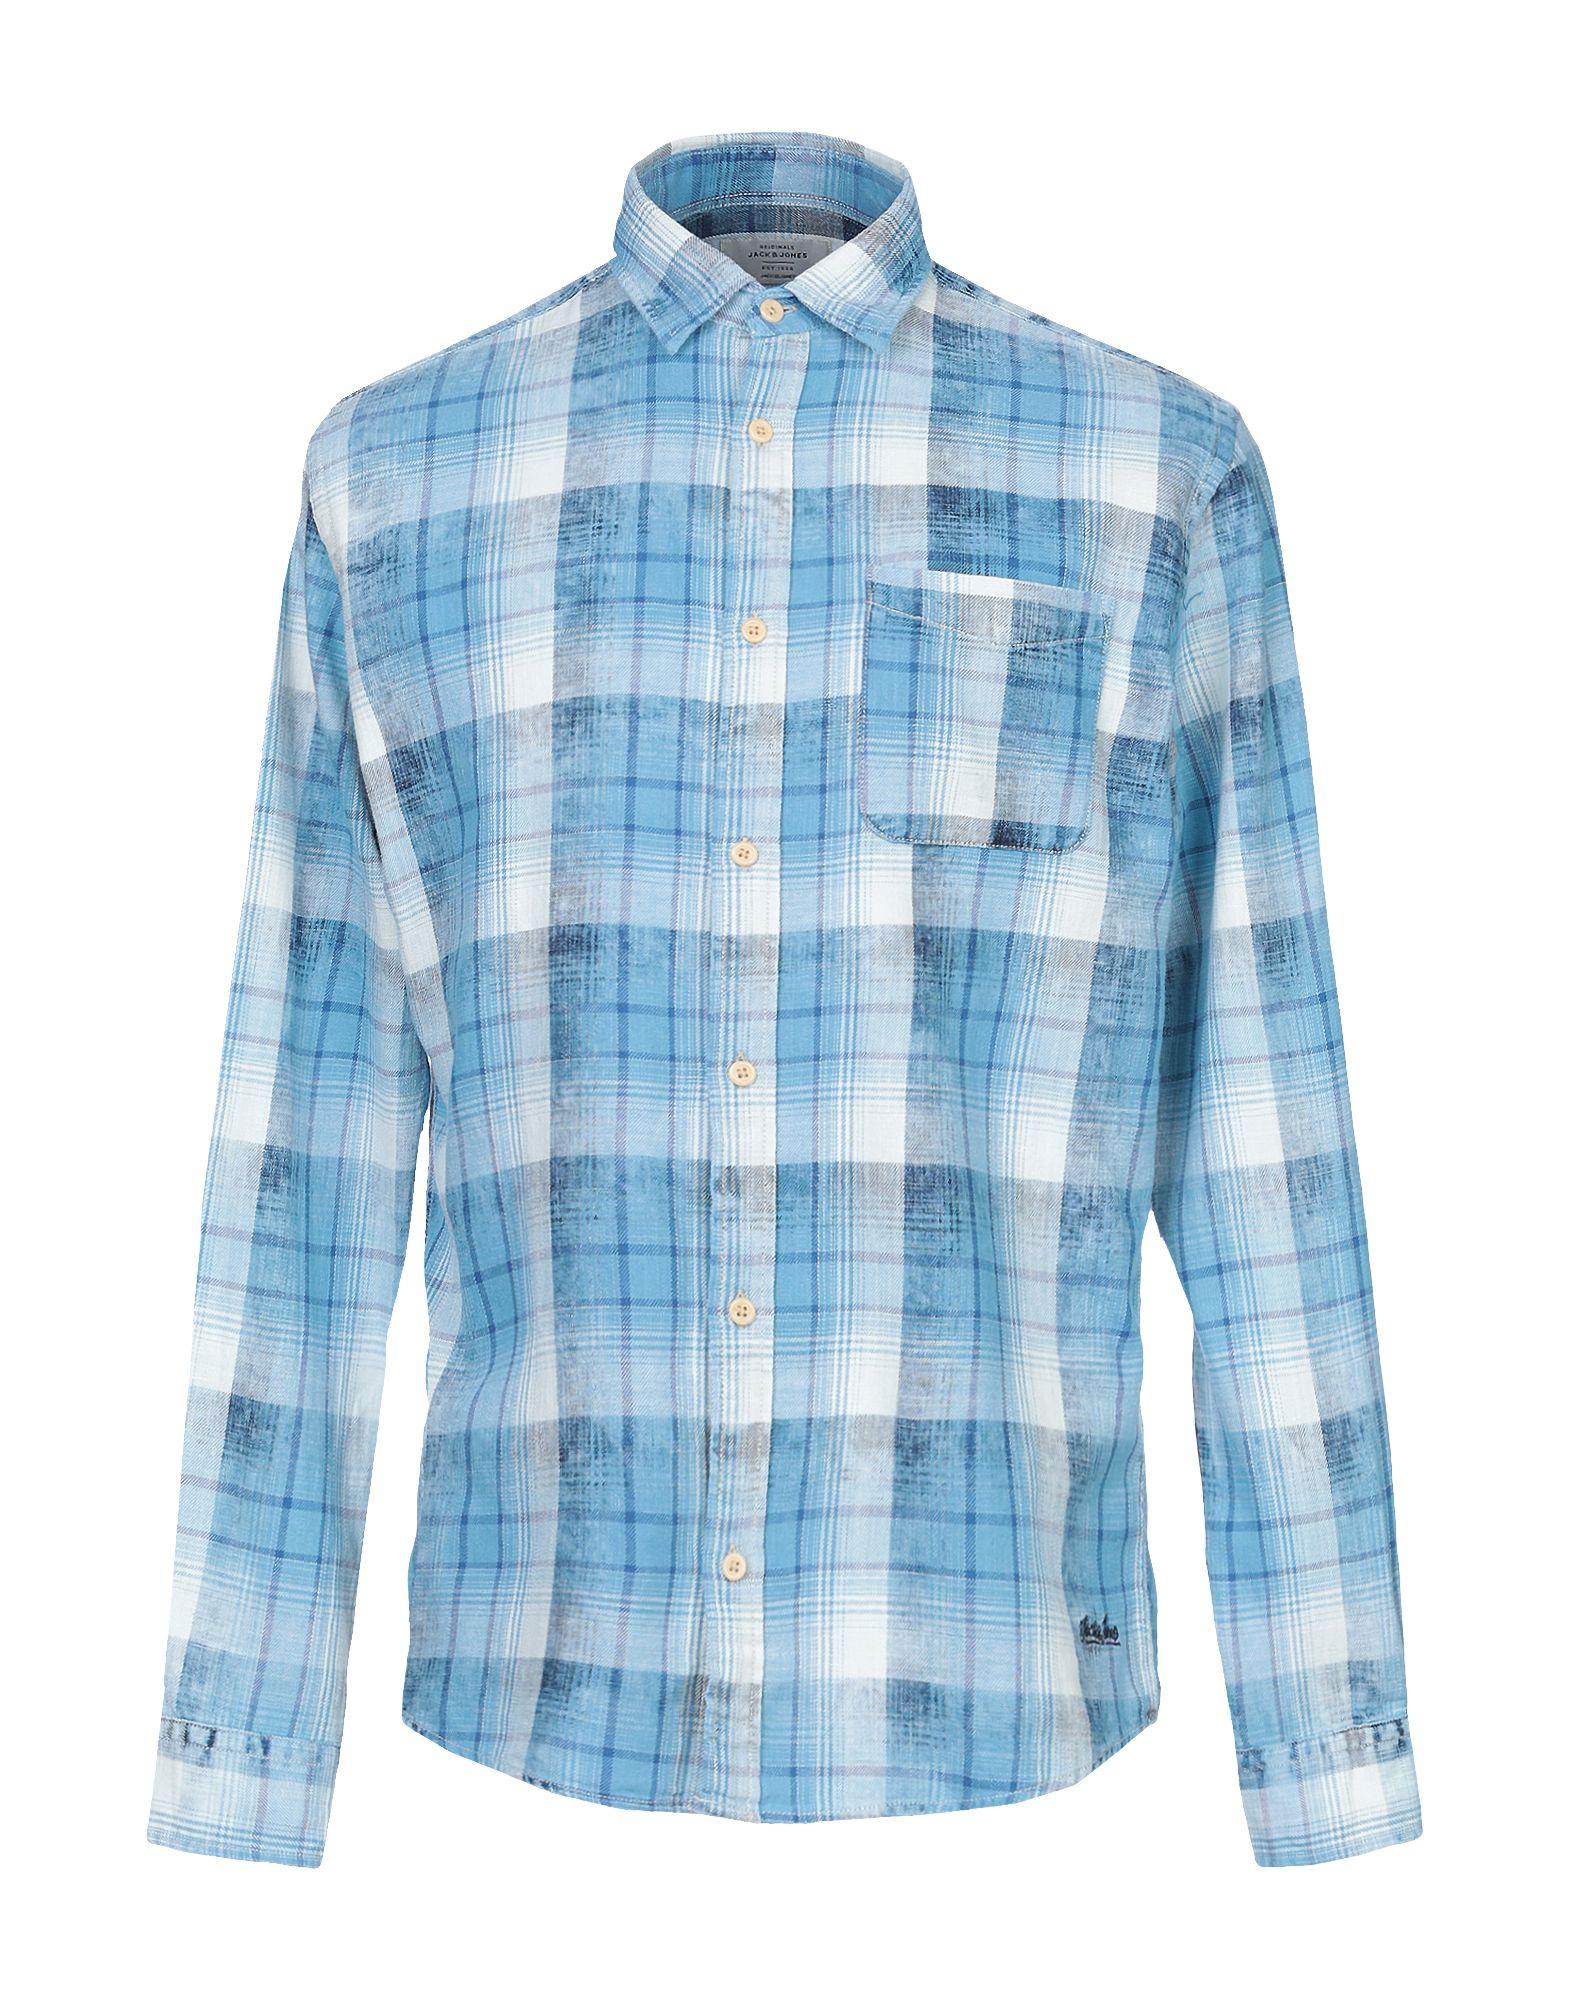 《送料無料》JACK & JONES ORIGINALS メンズ シャツ ブルー S コットン 100%